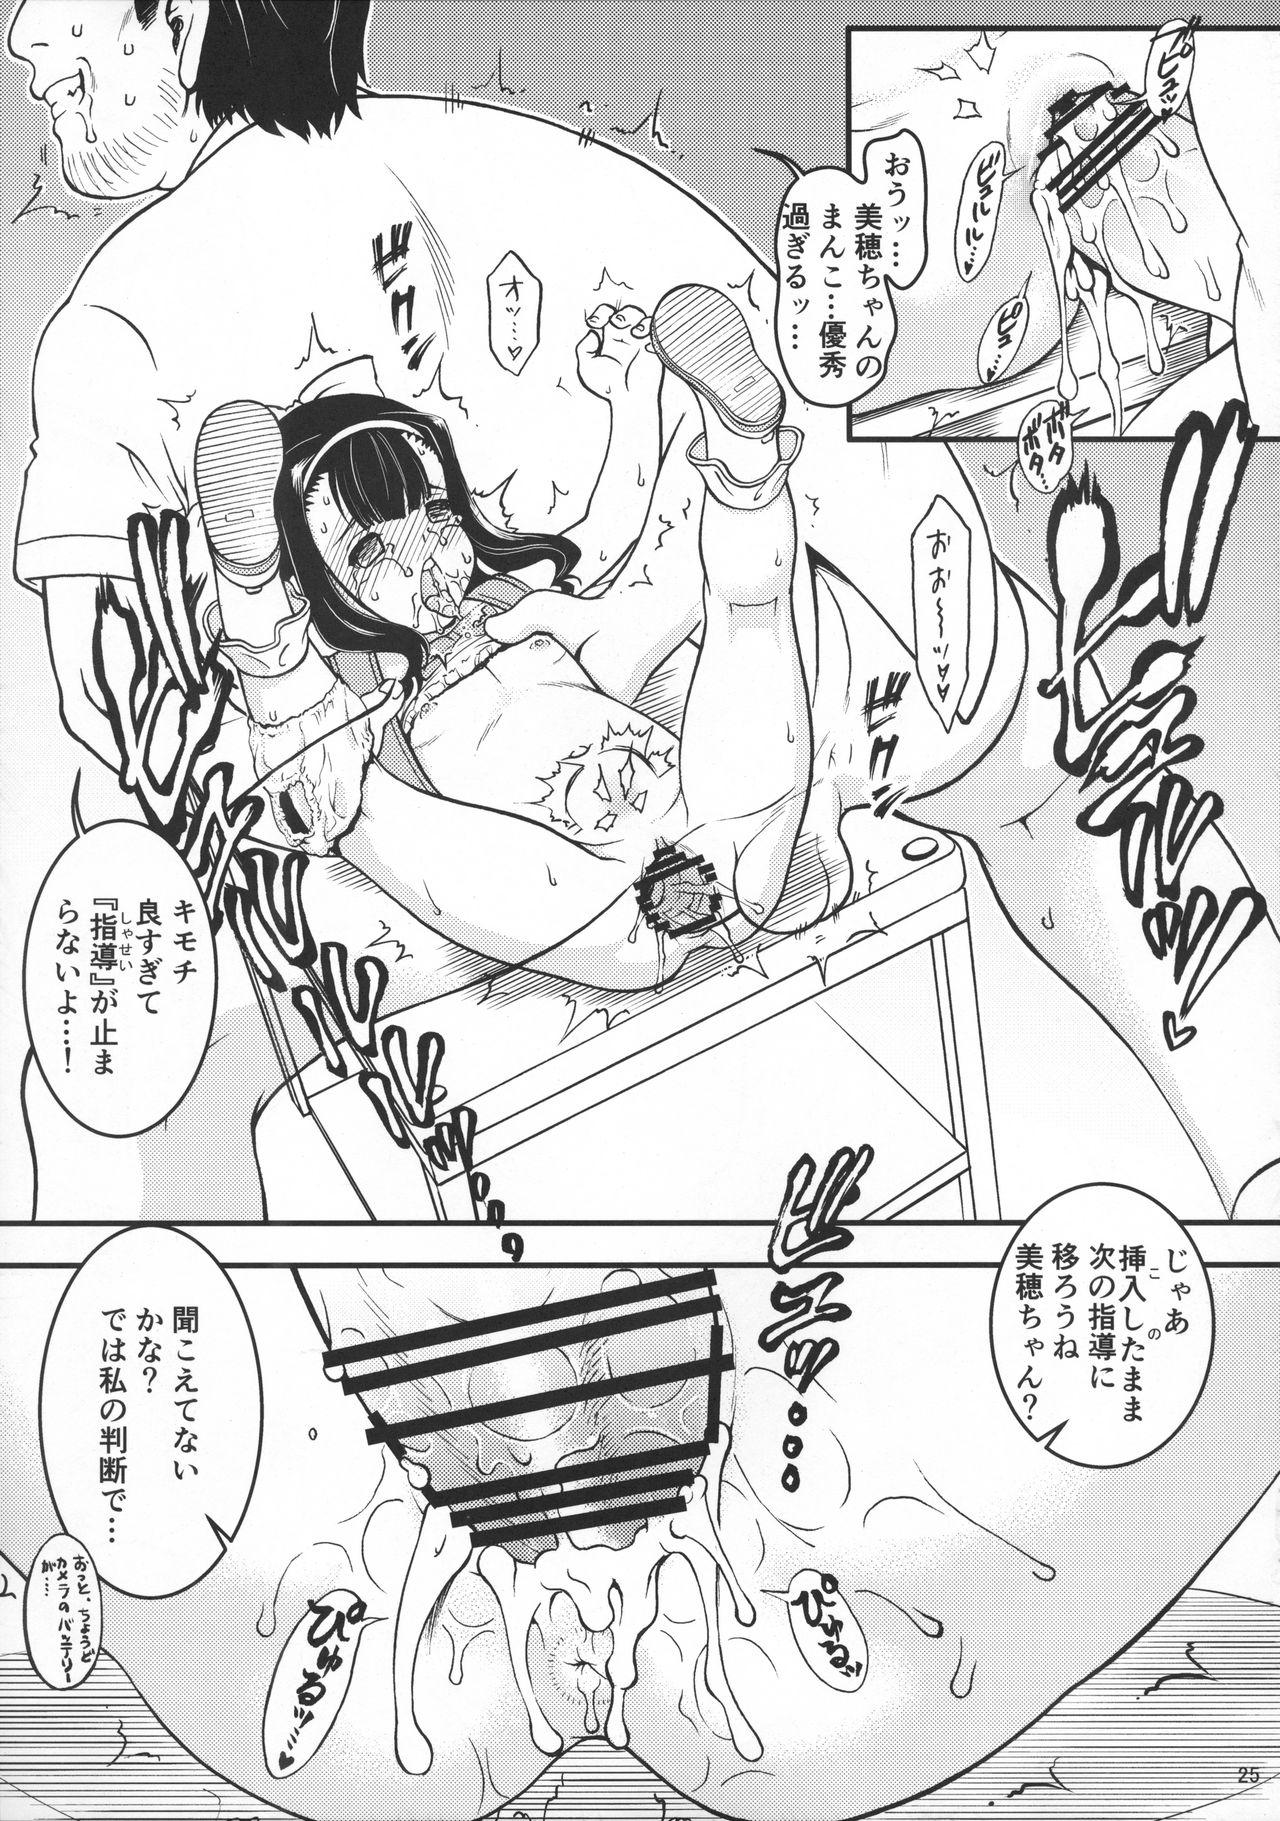 Heisei 29-nendo Tokushu Ginou Yuushuu Seito Shidou Youkou 26